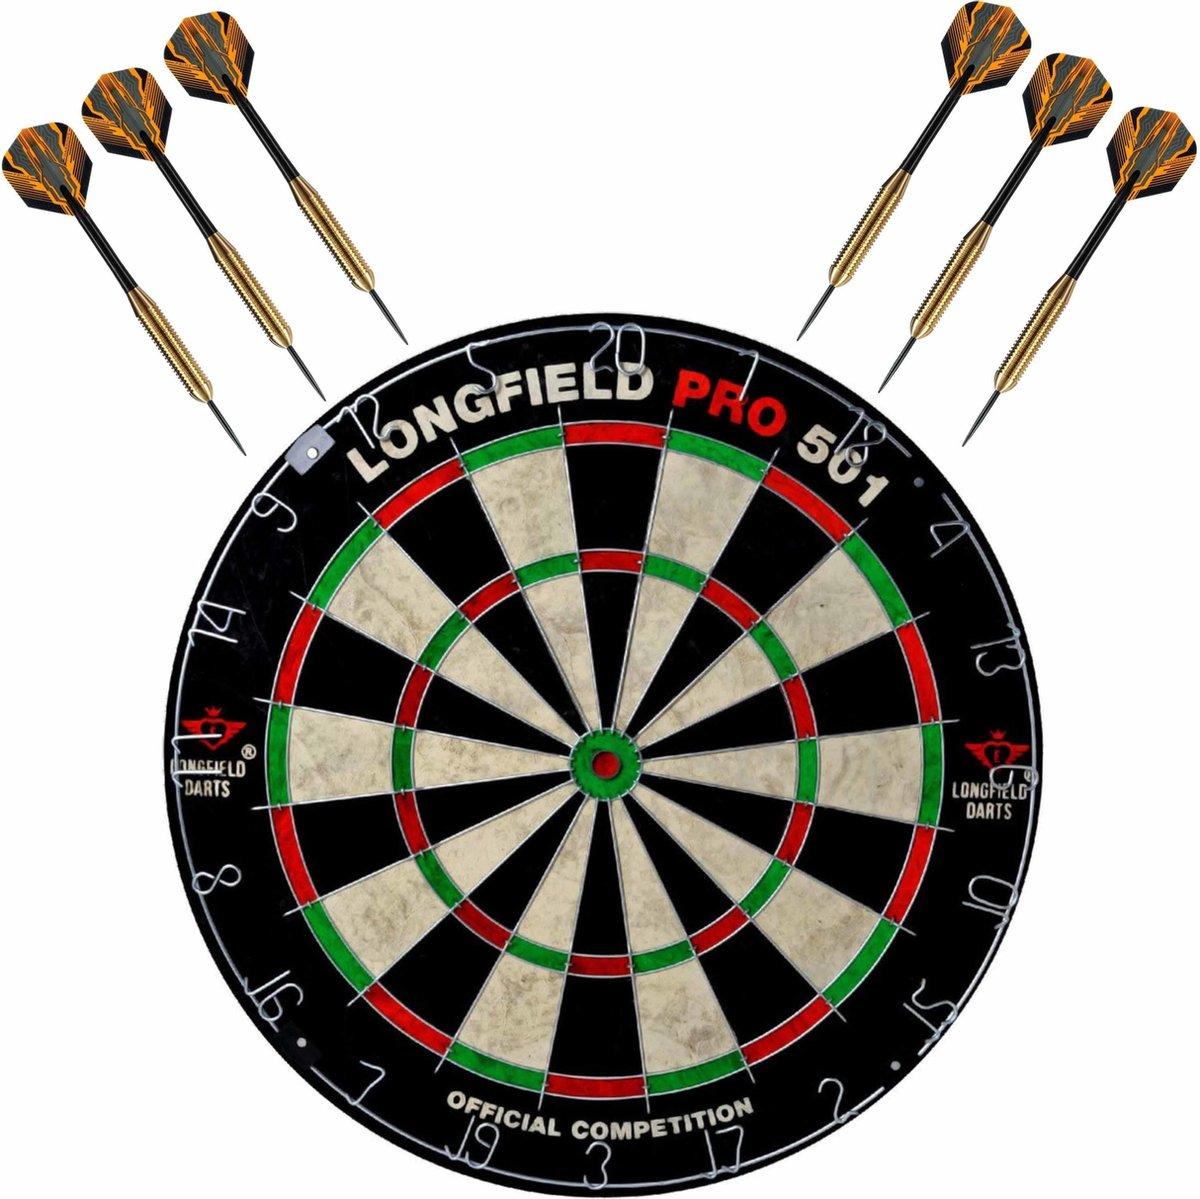 Dartbord set compleet van diameter 45.5 cm met 6x Club Brass dartpijlen van 22 gram - Professioneel darten pakket